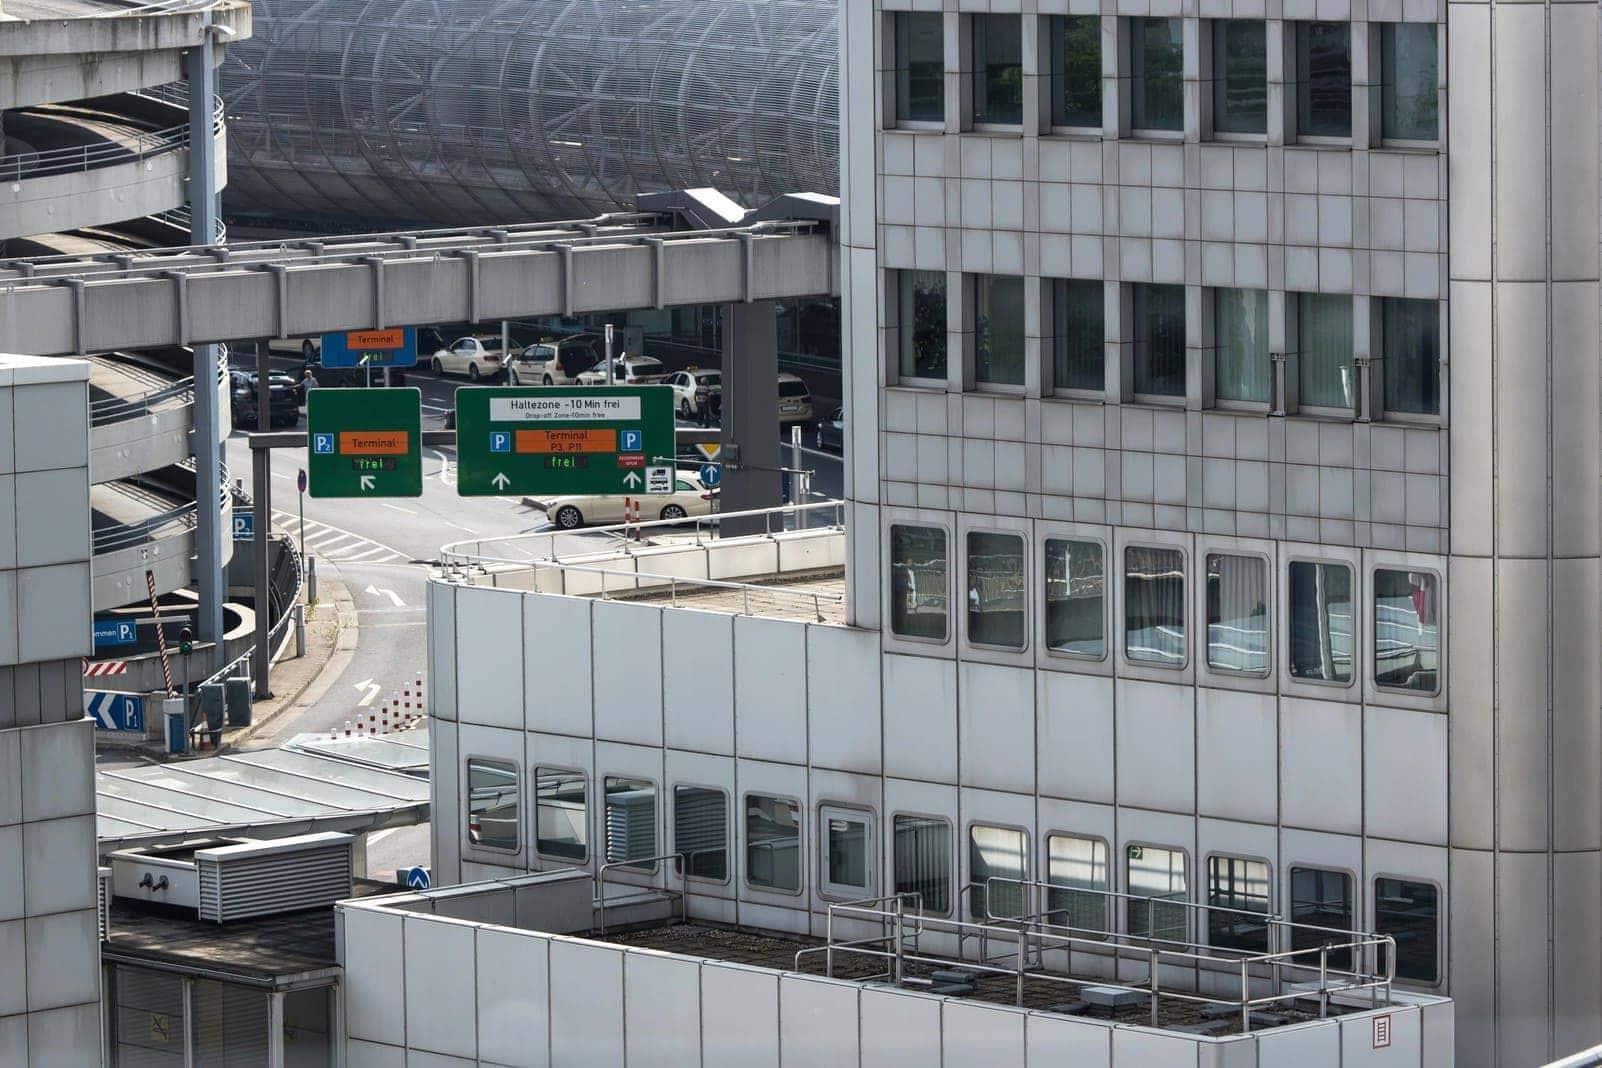 Flughafen Düsseldorf Parken